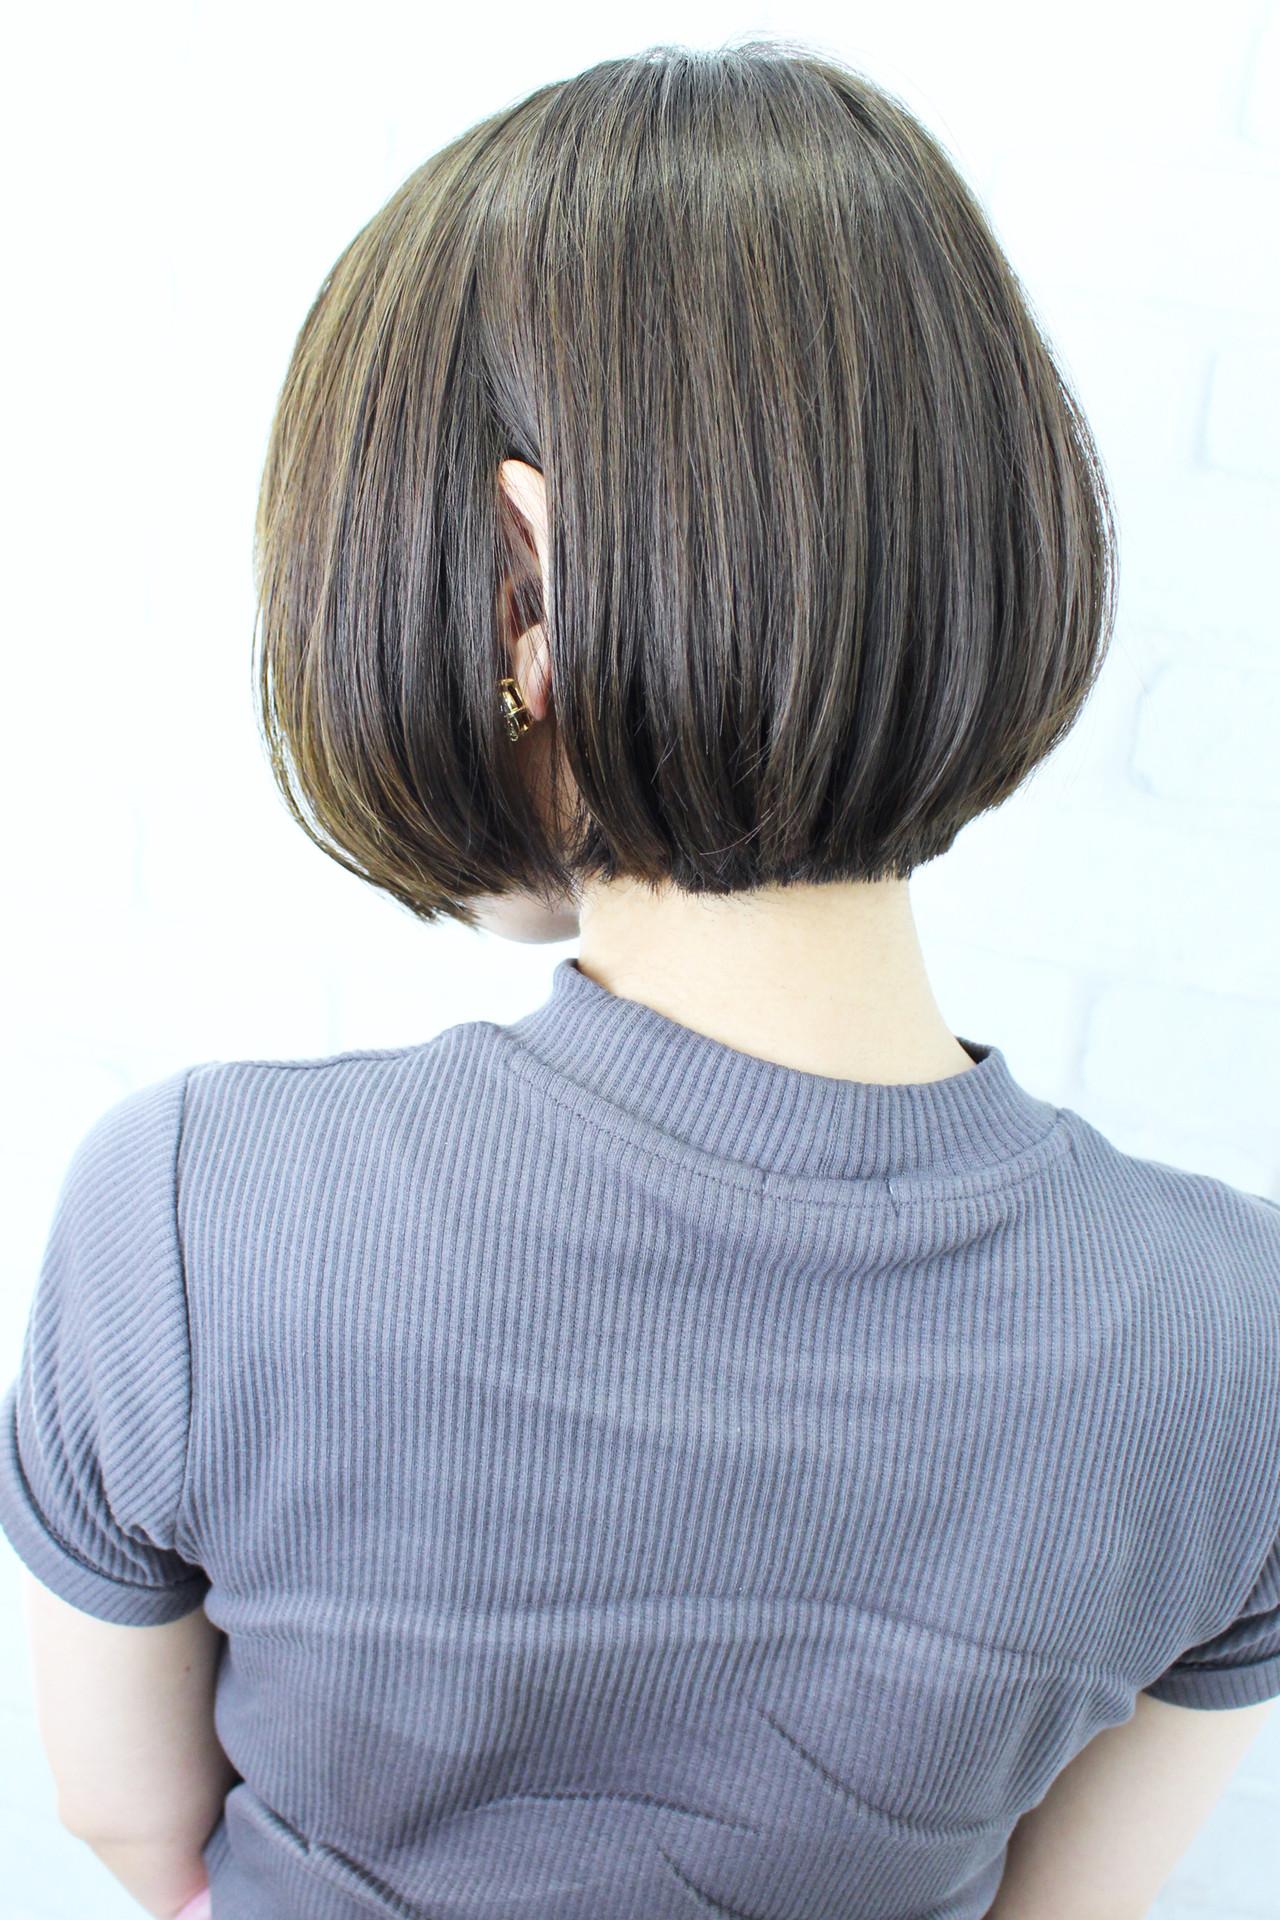 ボブ 前下がりボブ 似合わせカット ナチュラルヘアスタイルや髪型の写真・画像